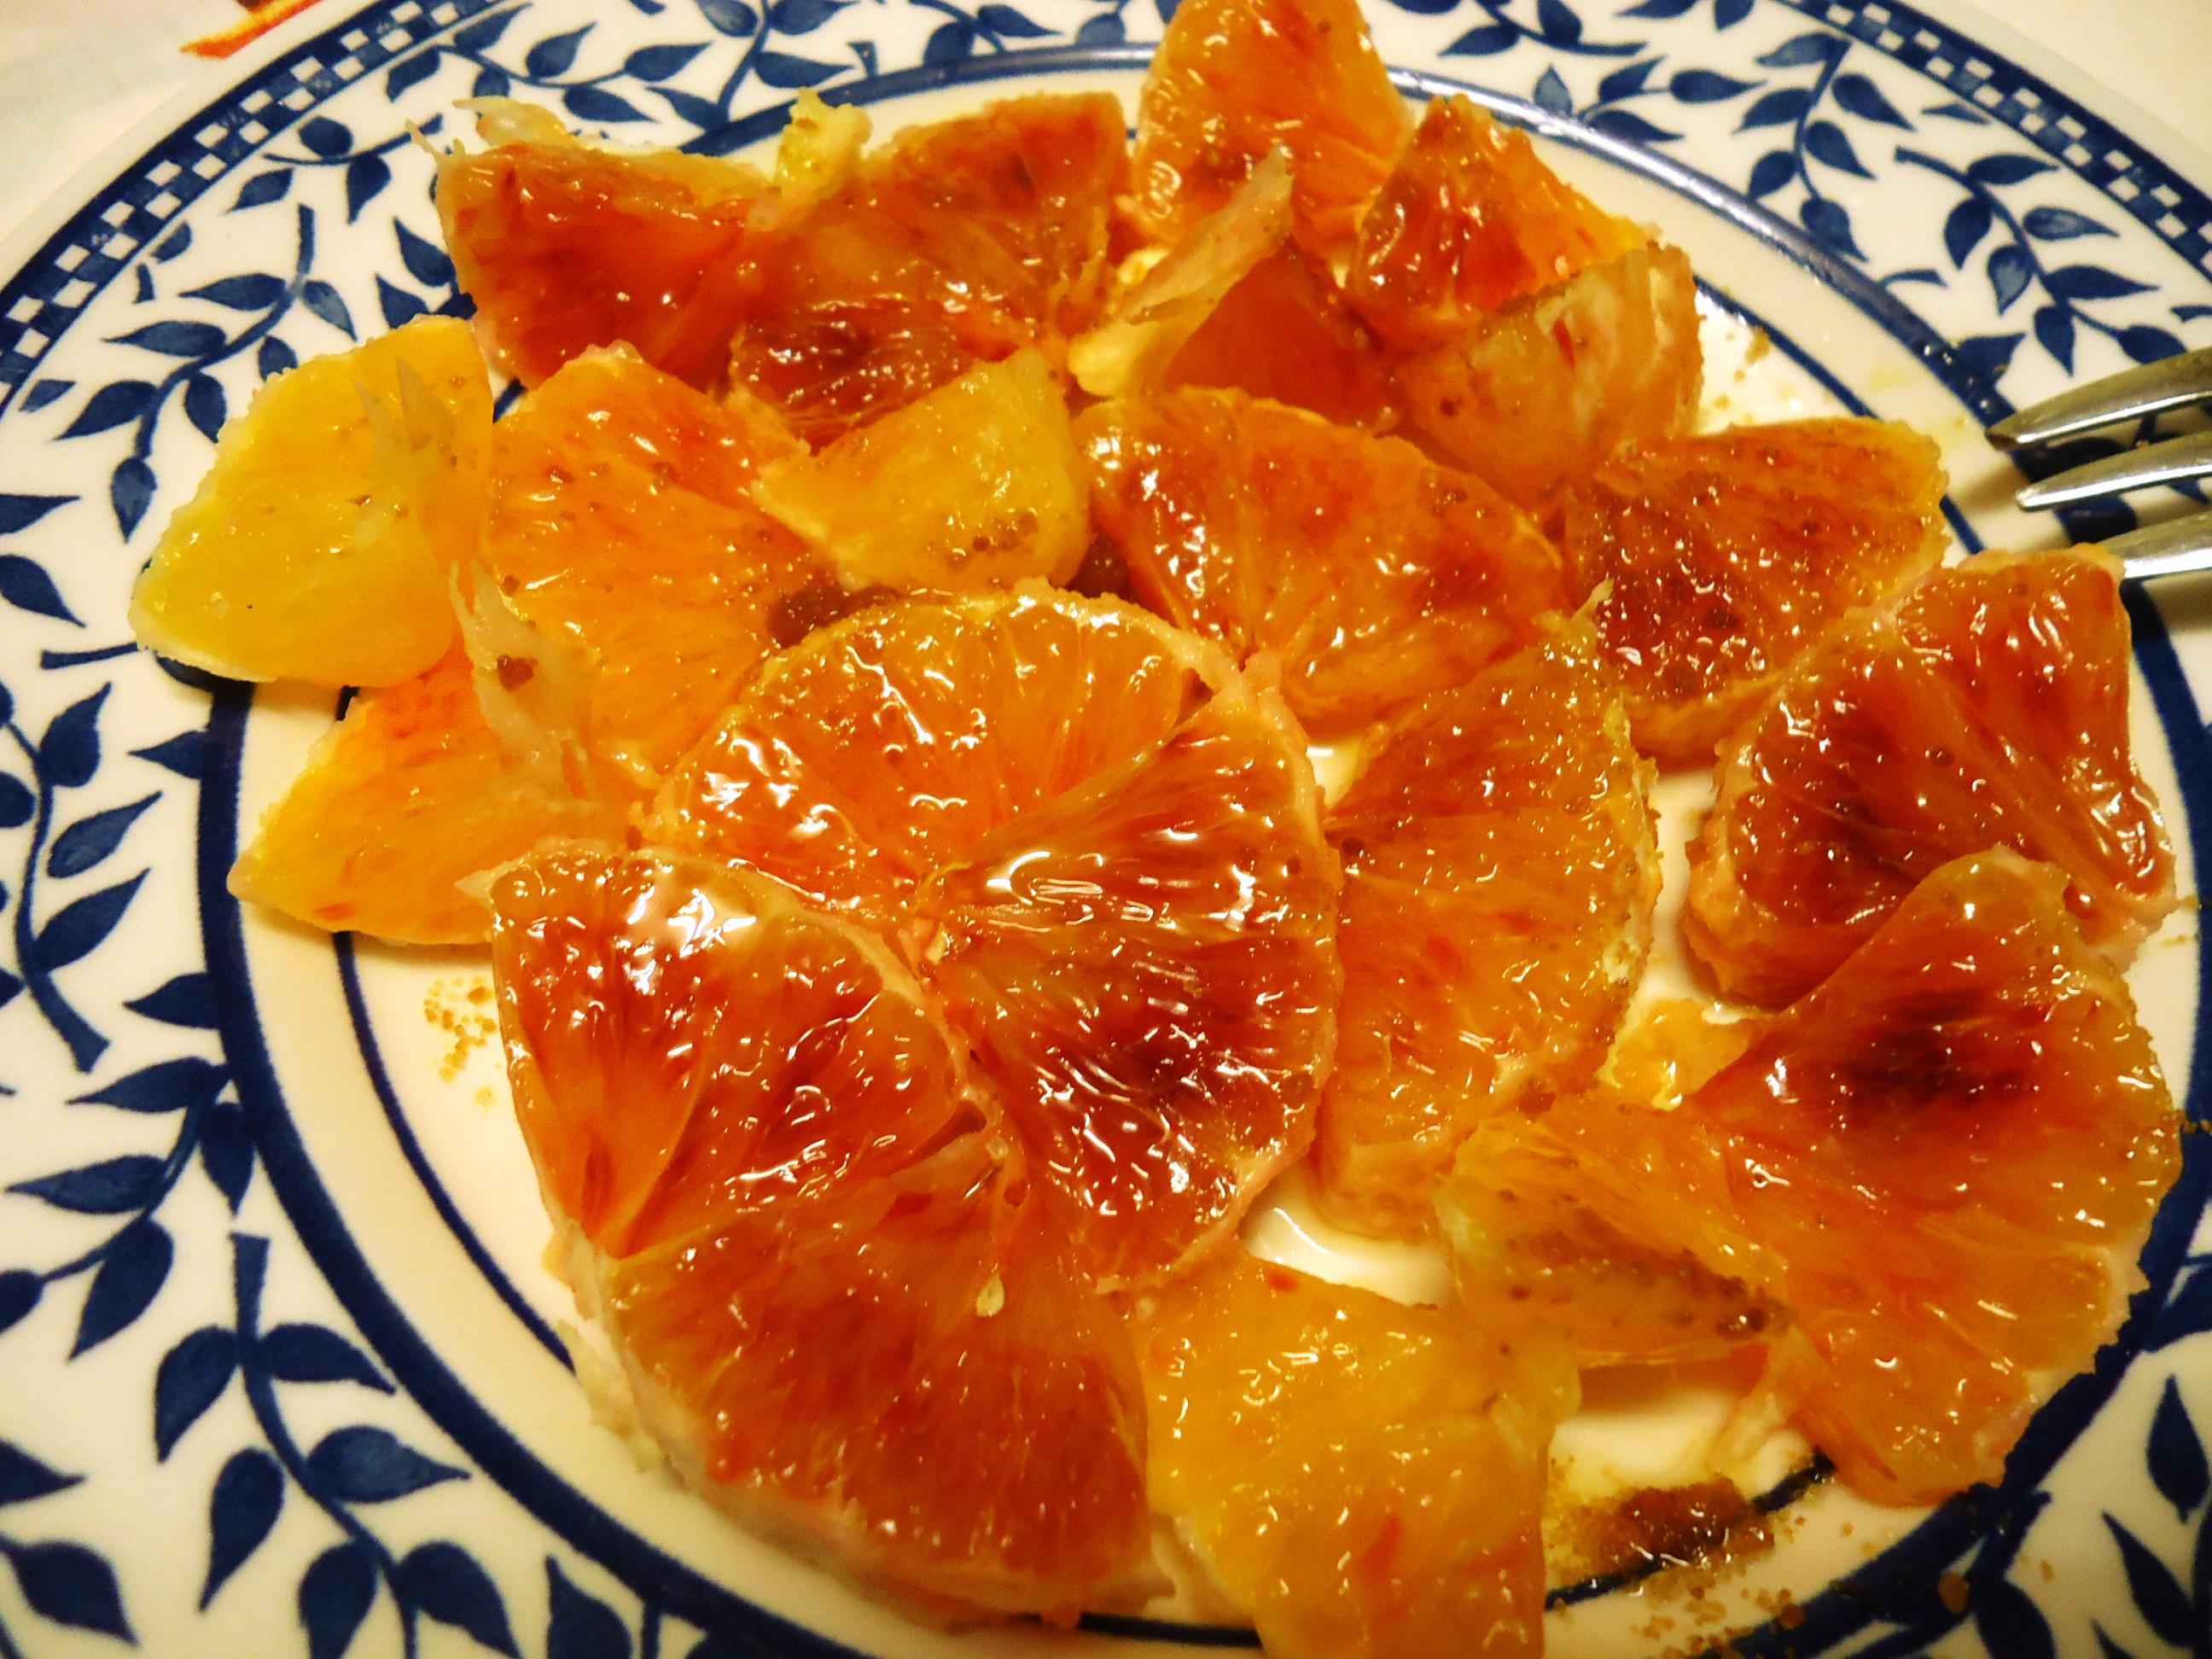 arancia condita per merenda - particolare